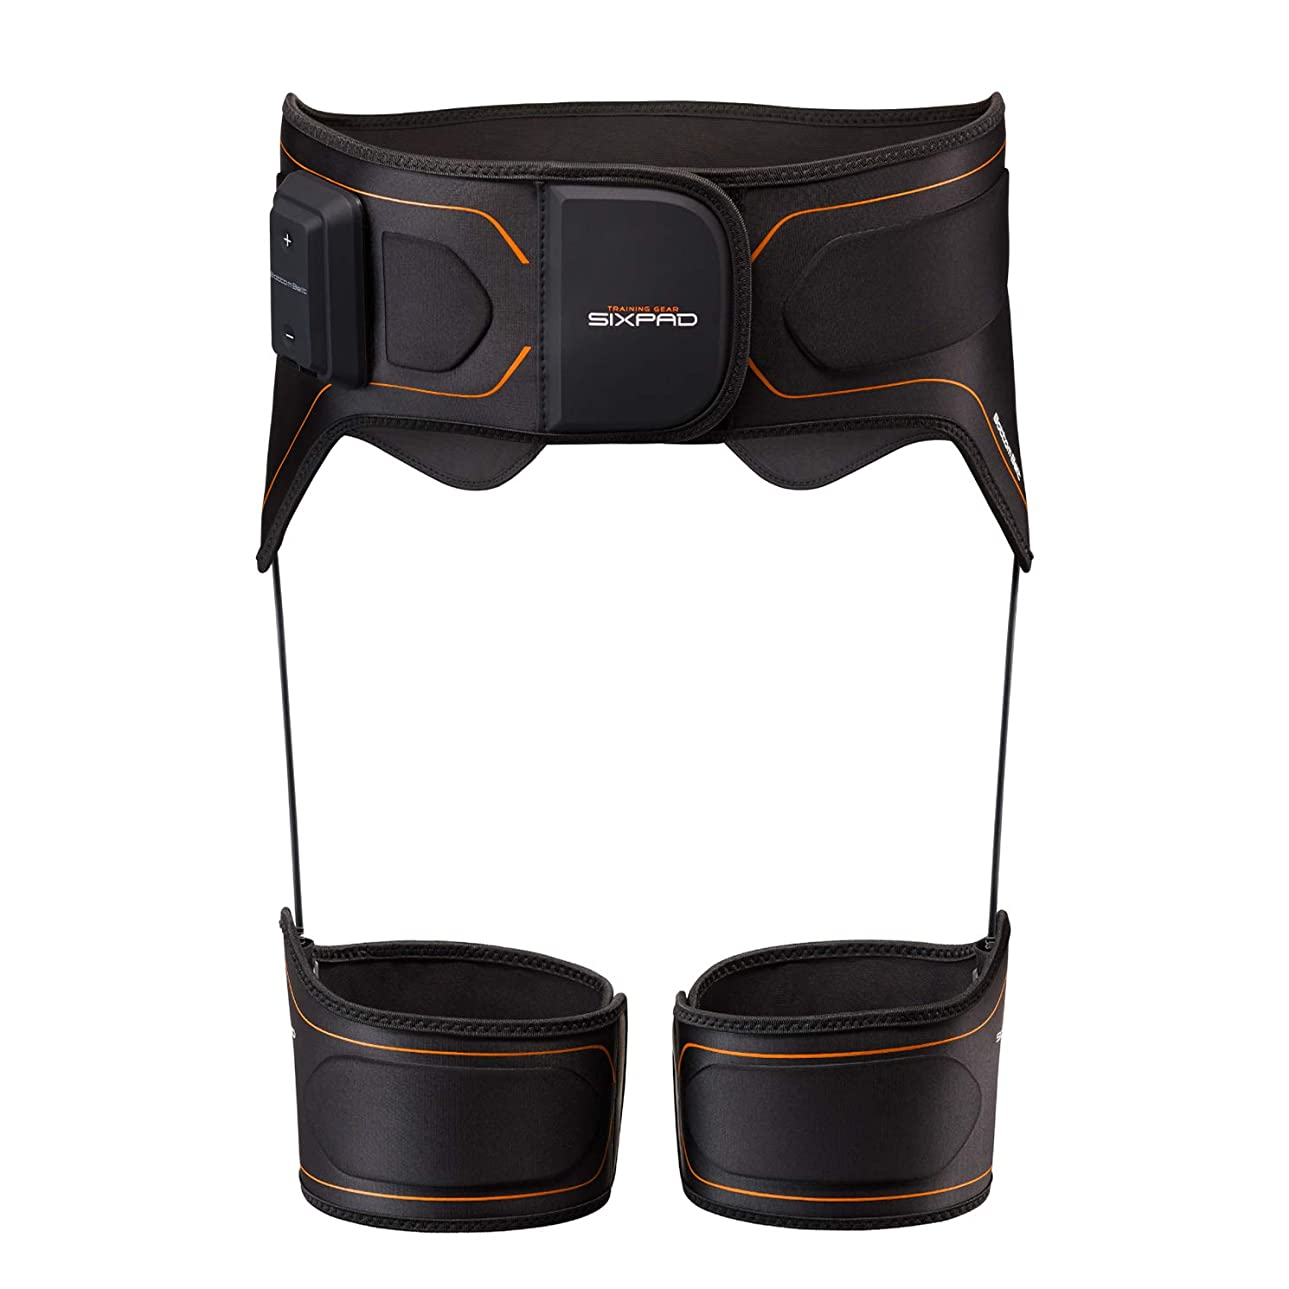 ファイバお気に入り専門用語シックスパッド ボトムベルト (SIXPAD Bottom Belt) MTG【メーカー純正品 [1年保証]】ヒップアップ専用